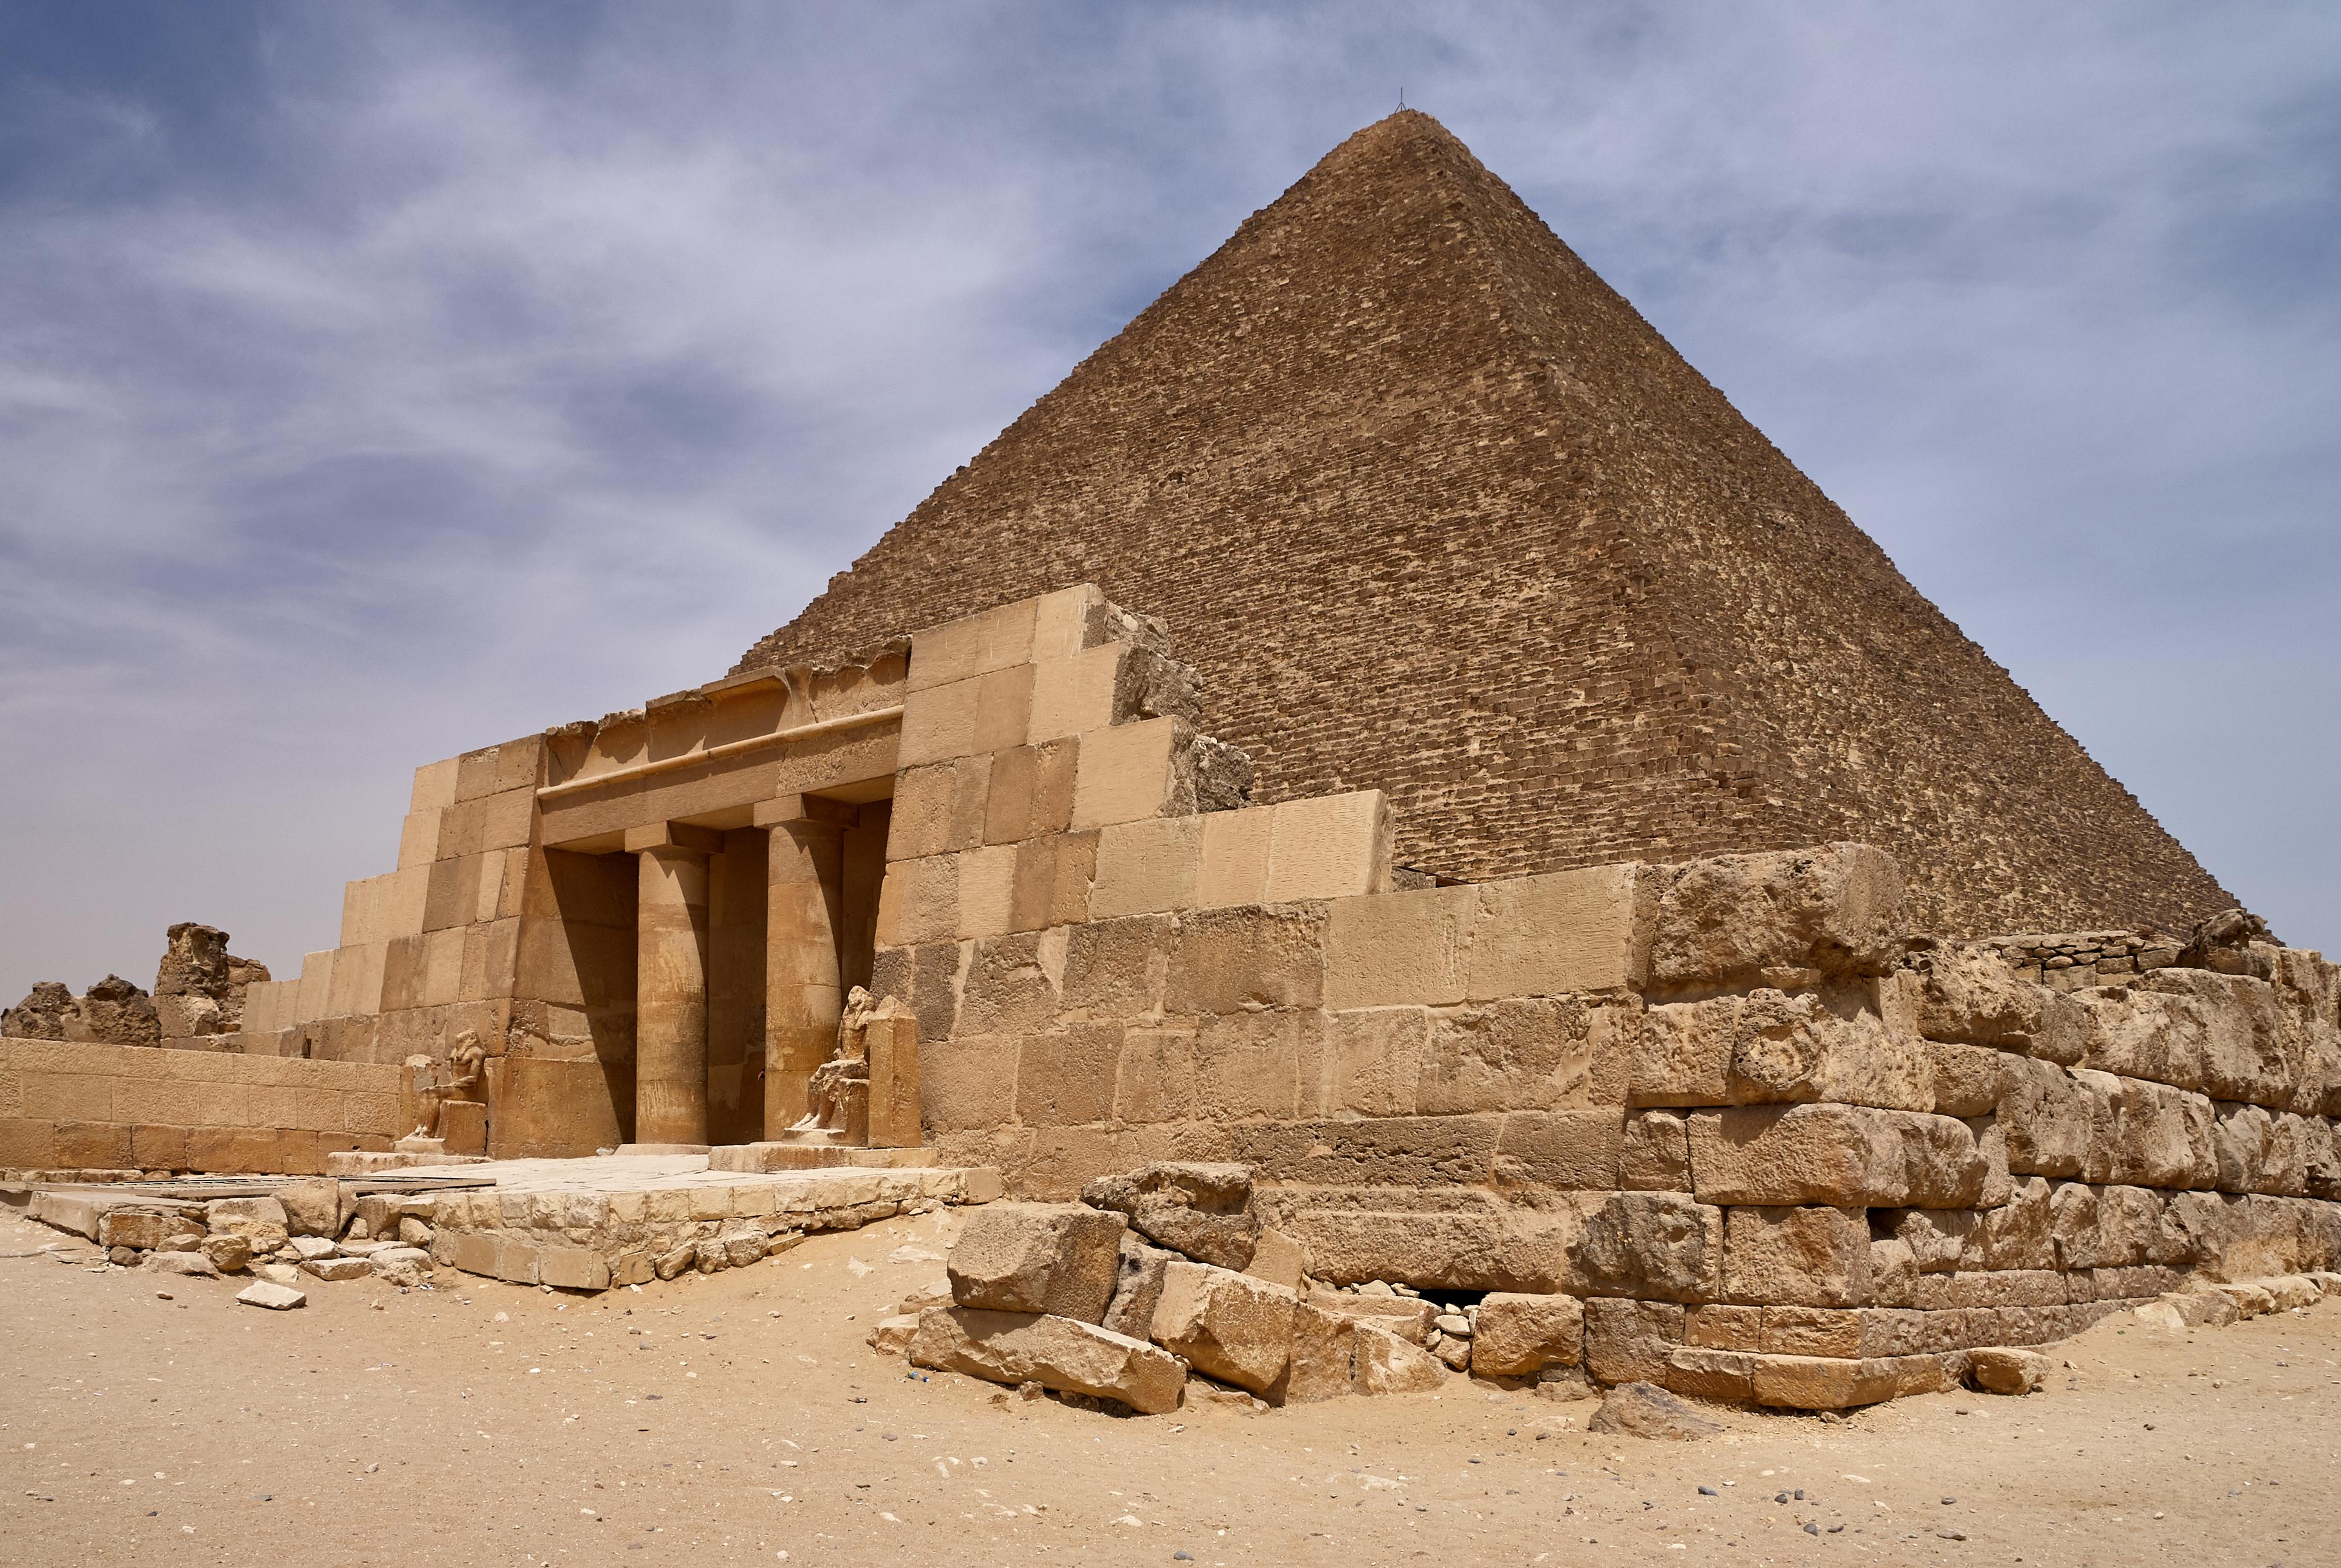 ¡Las Pirámides de Egipto! - Egipto Circuito Egipto Básico